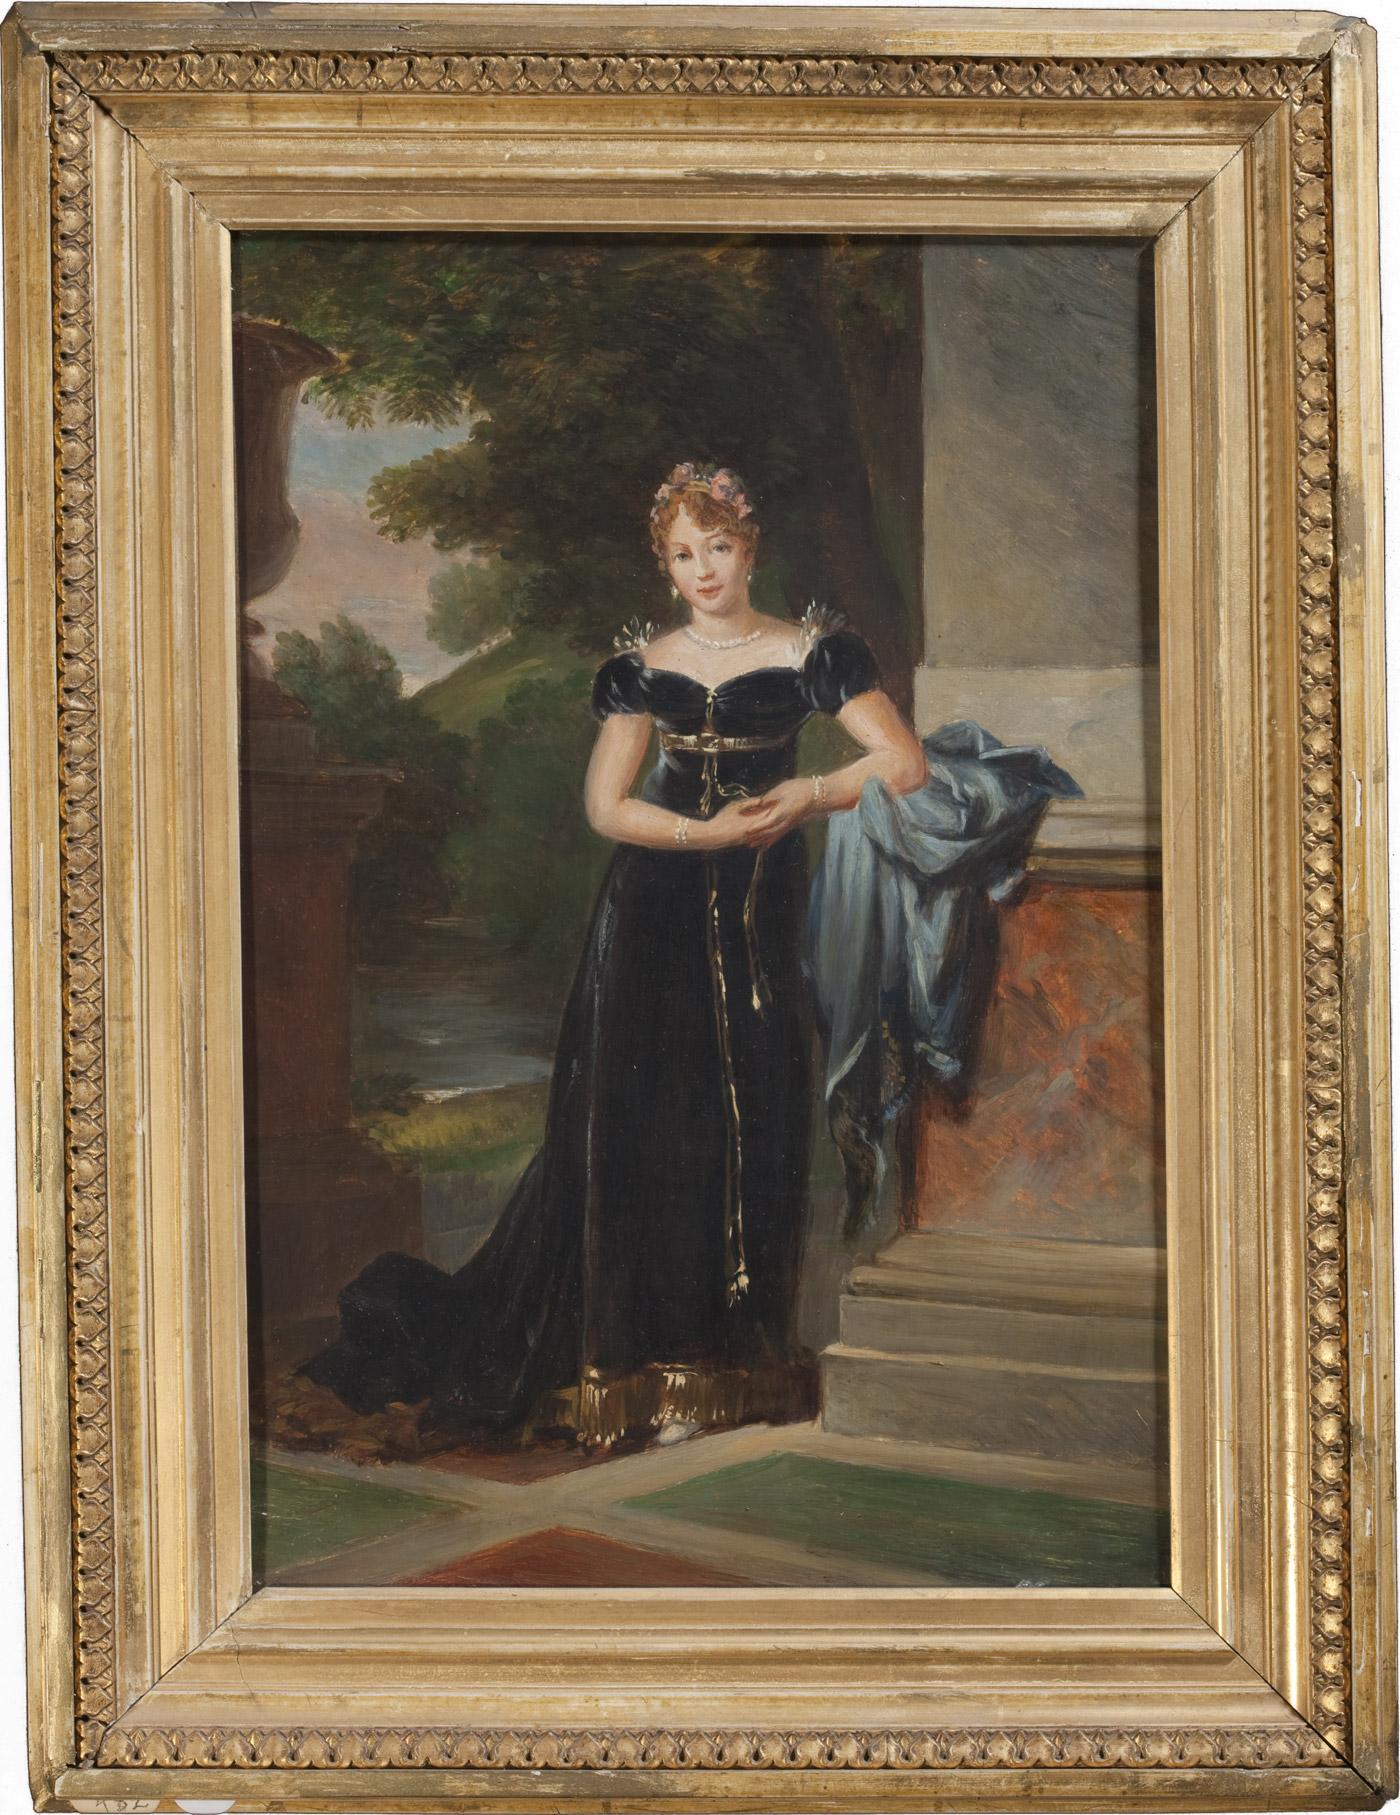 Marie Walewska, copie du tableau de Gérard par Paulet - Patrimoine Charles-André COLONNA WALEWSKI, en ligne directe de Napoléon